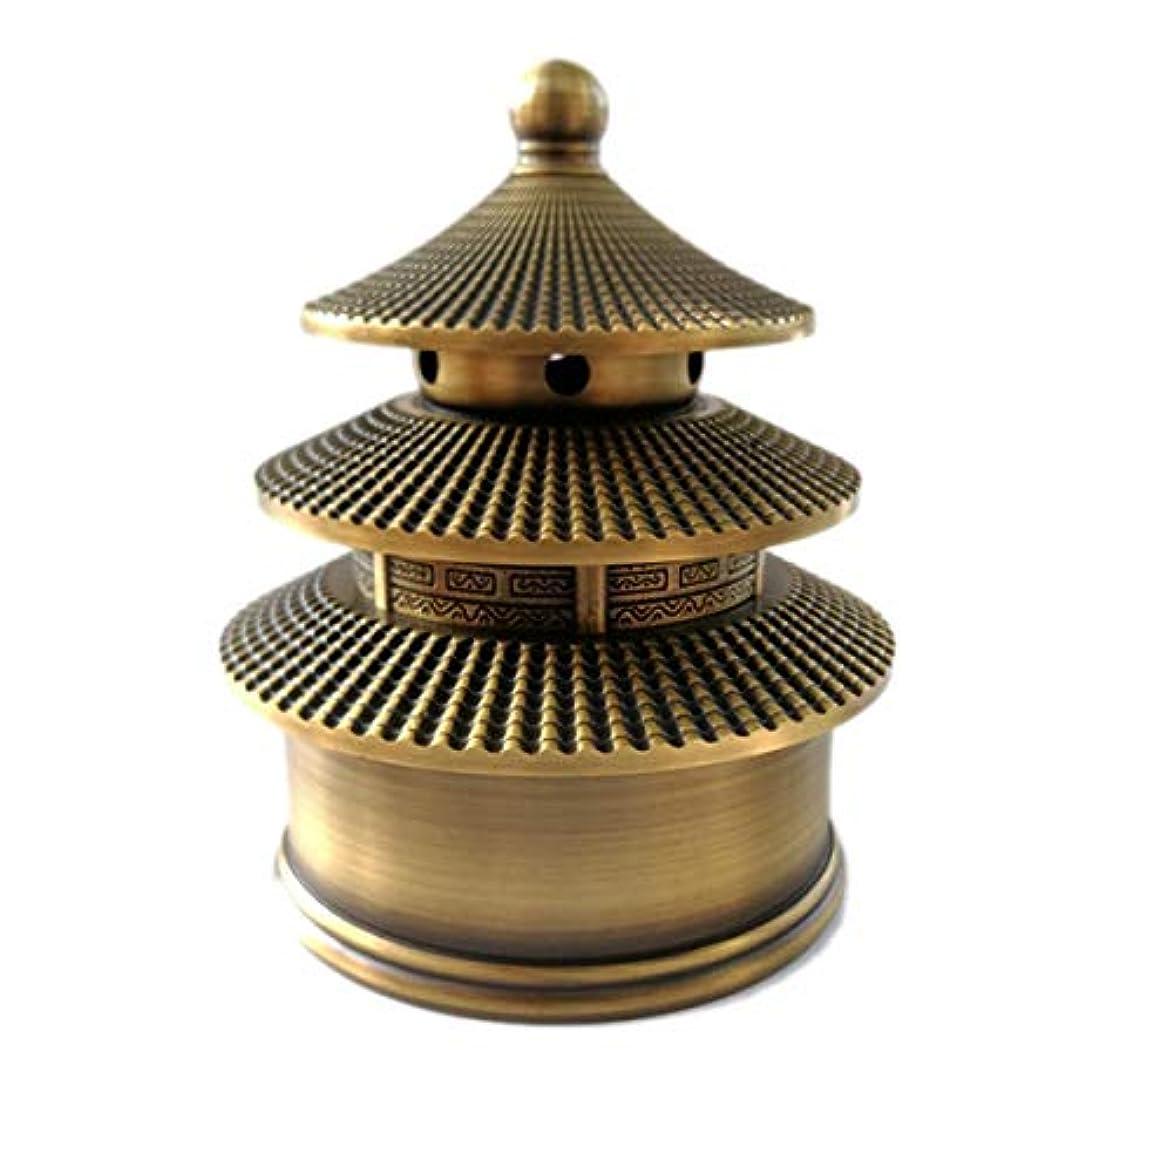 寂しい買い手間違い真鍮香炉(富&幸運)お香バーナー-お香ホルダーを含む中国の古典的なスタイルの伝統的な技術